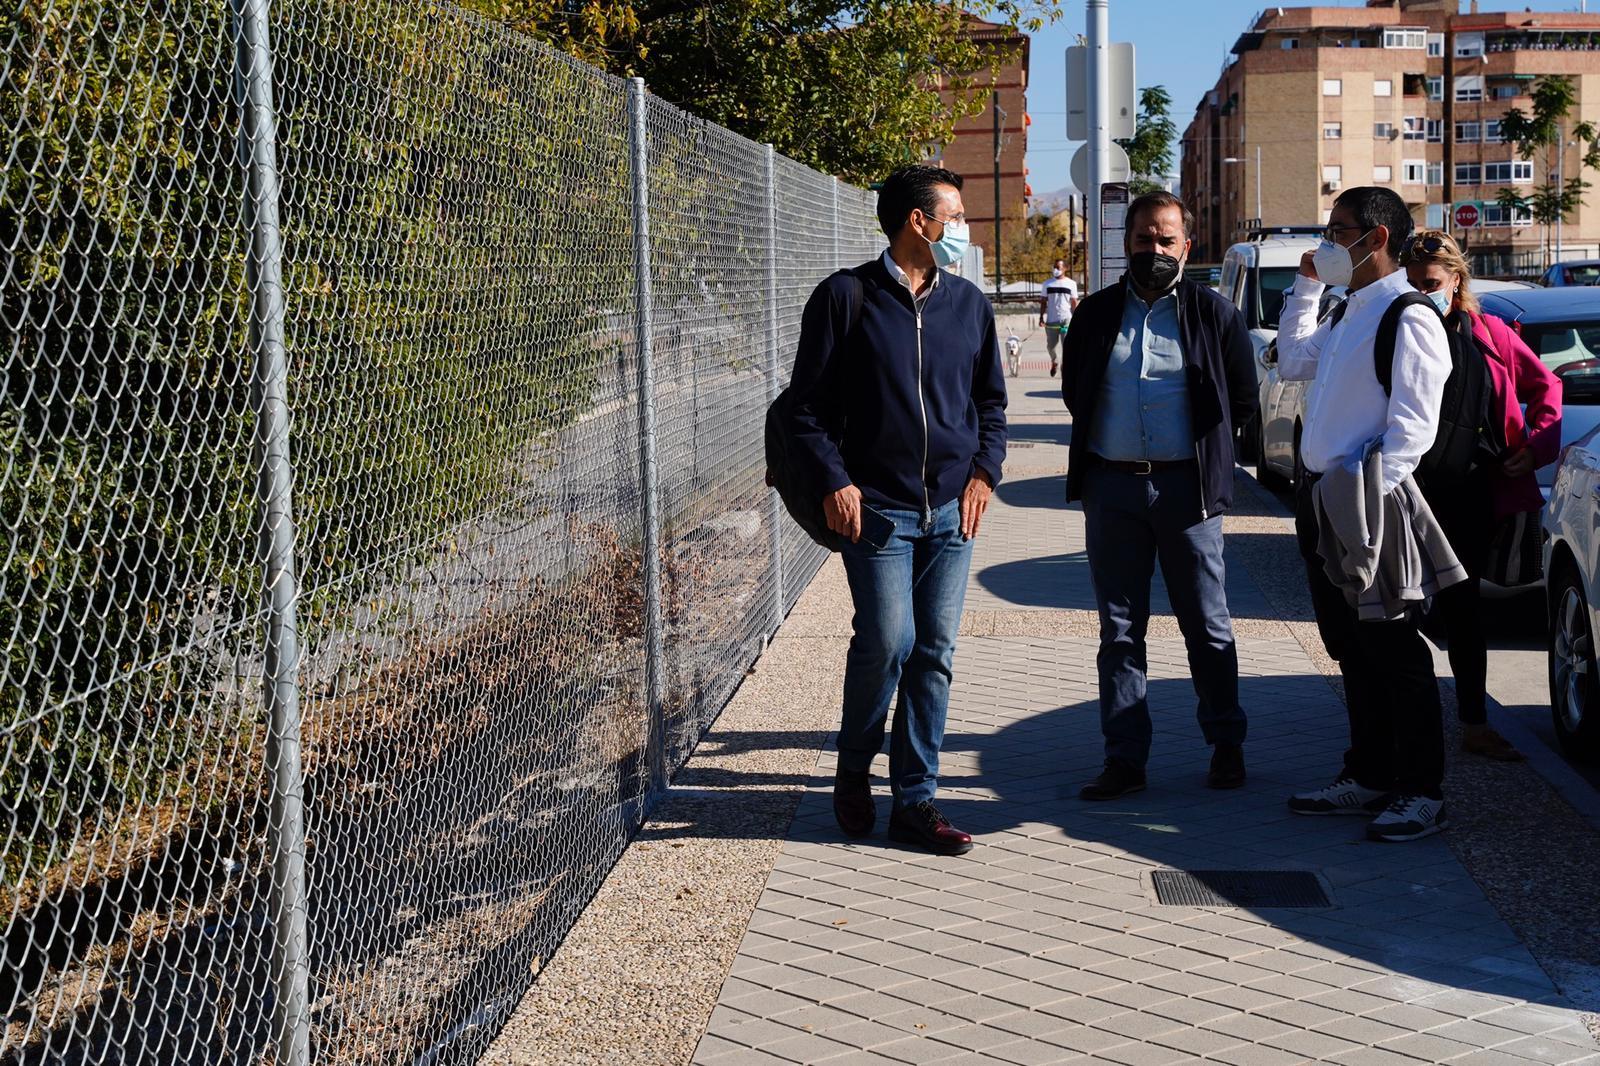 Cuenca exige a la Junta y Ayuntamiento dotar de servicios públicos la zona de expansión de La Chana